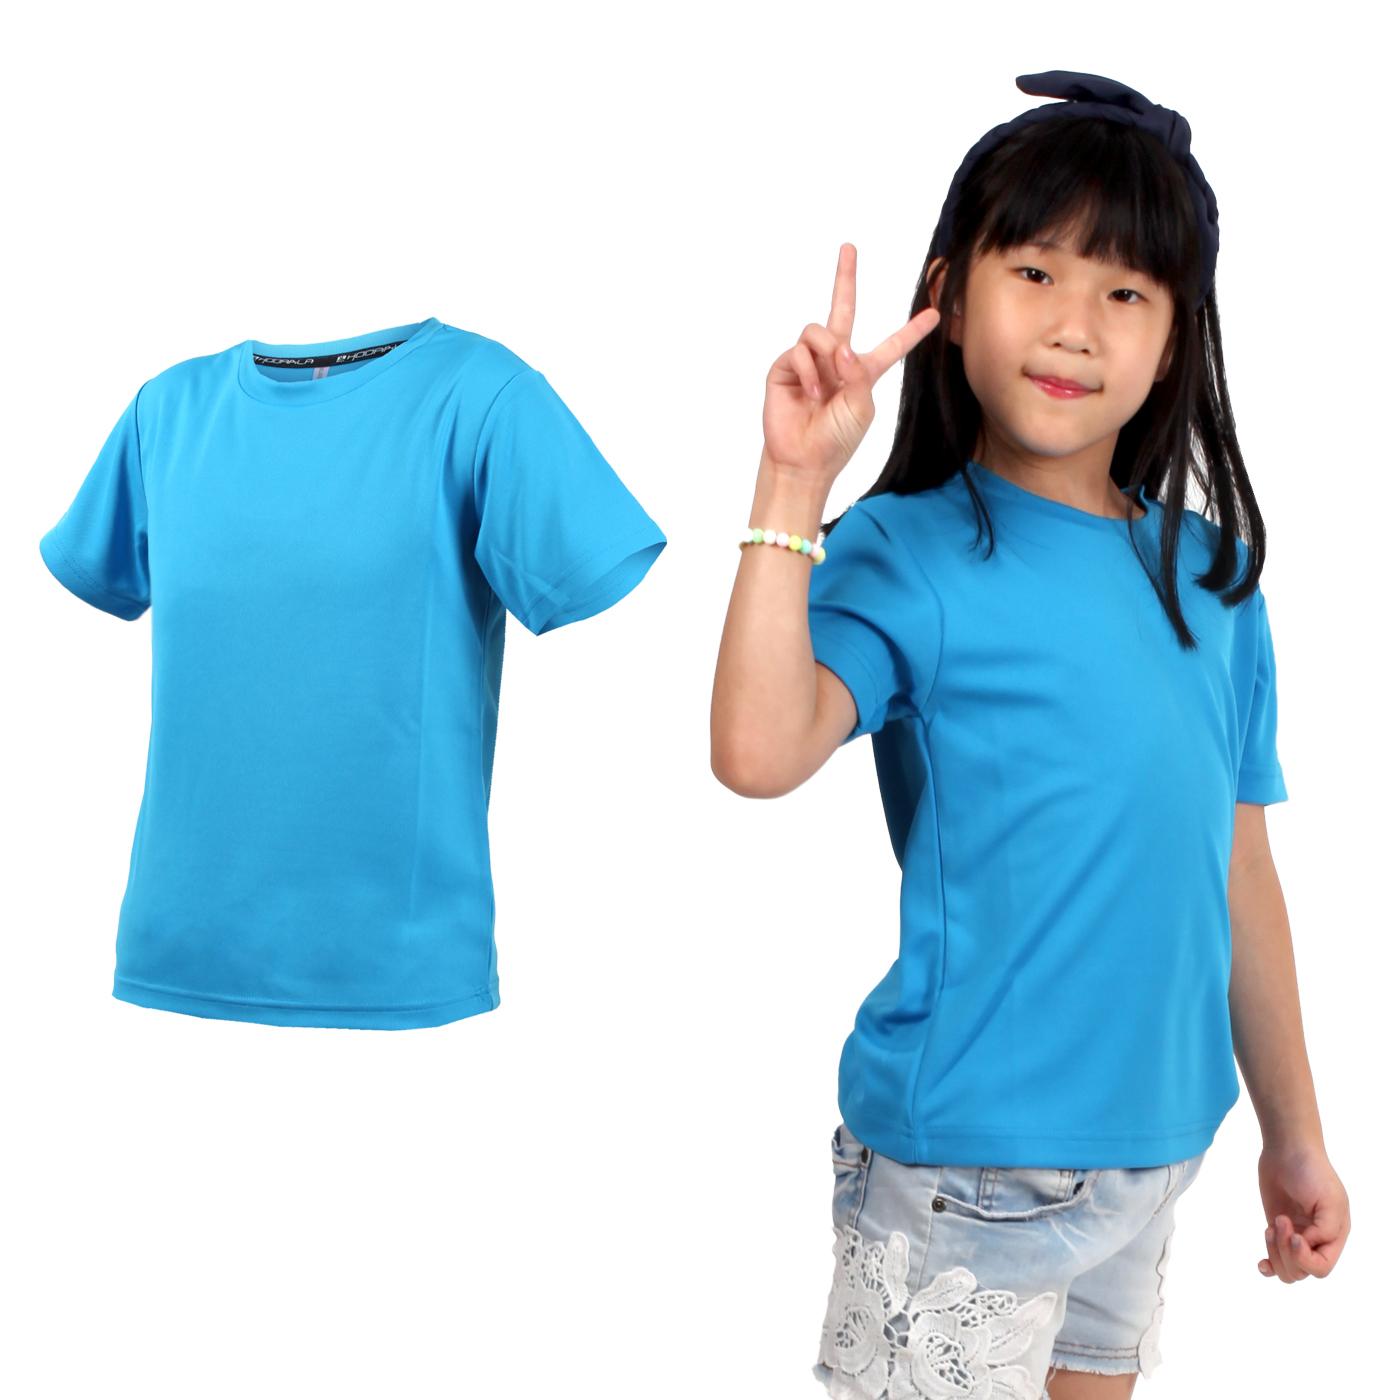 HODARLA 童裝FLARE 100 吸濕排汗衫 3135902 - 亮藍